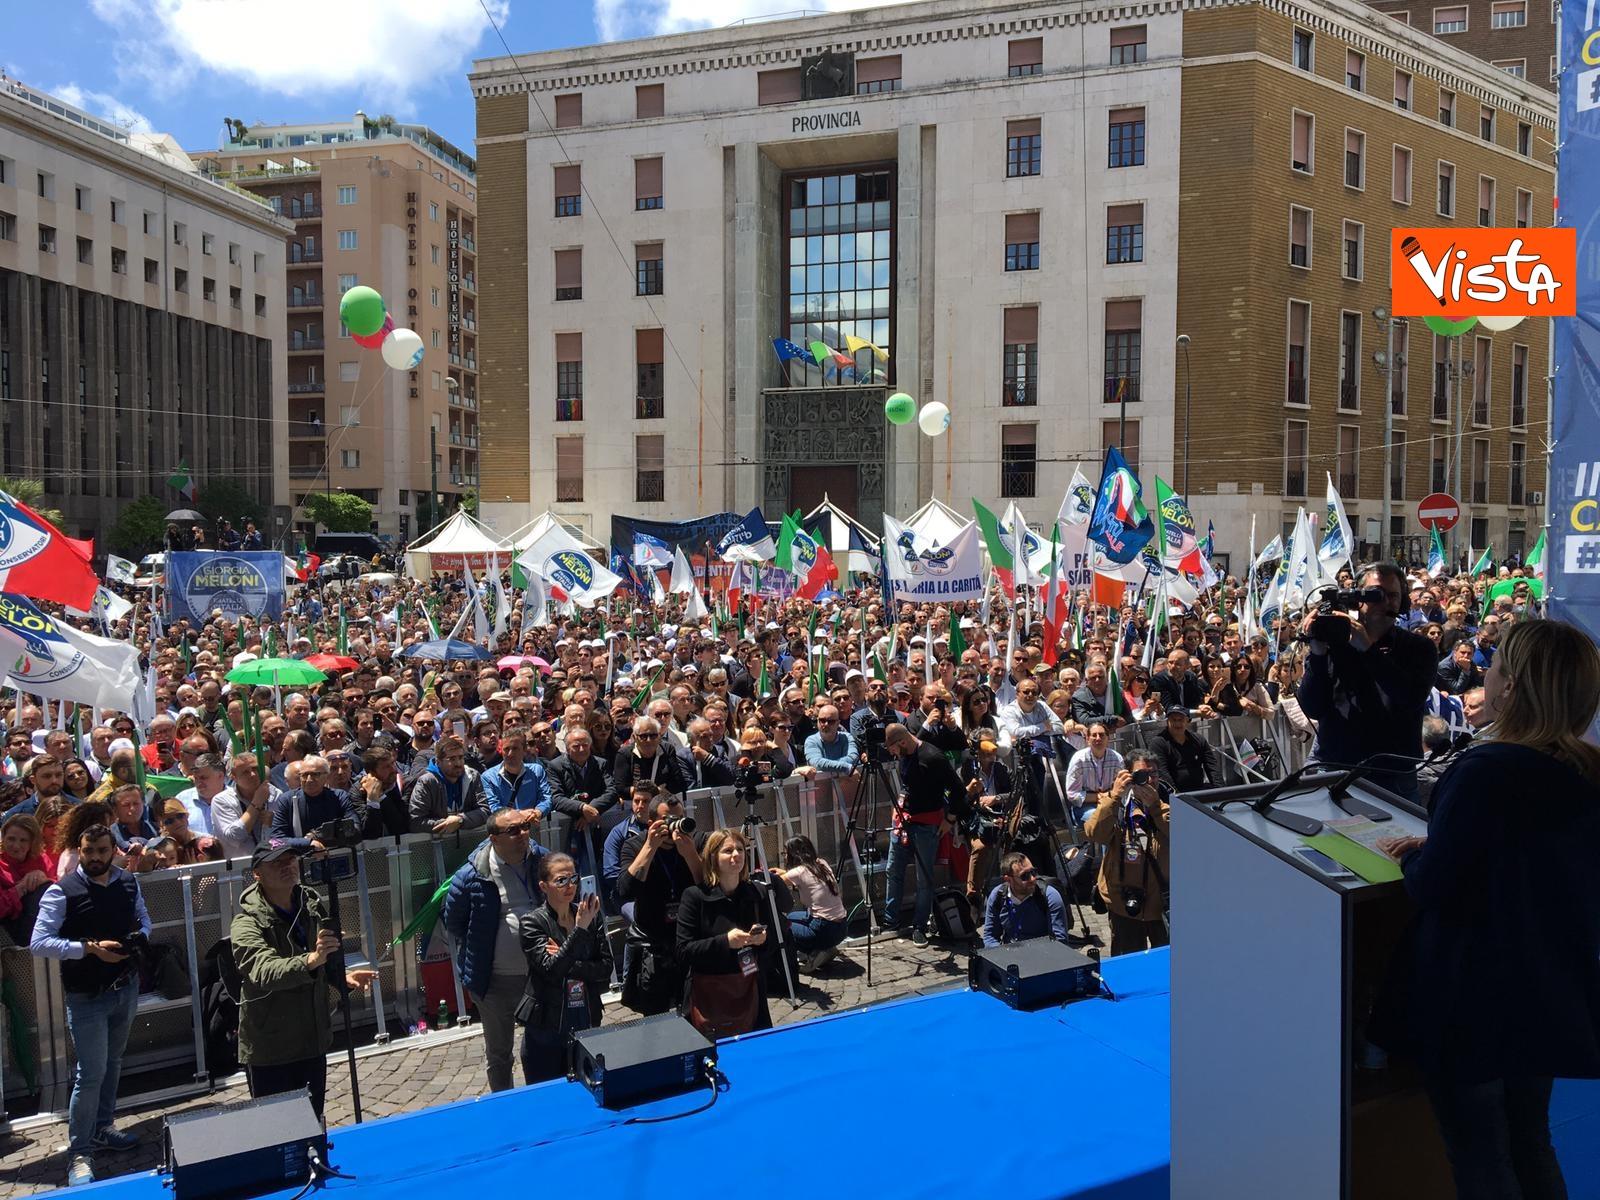 19-05-19 Europee Meloni a Napoli piazza gremita di gente per il comizio della leader di FdI_05